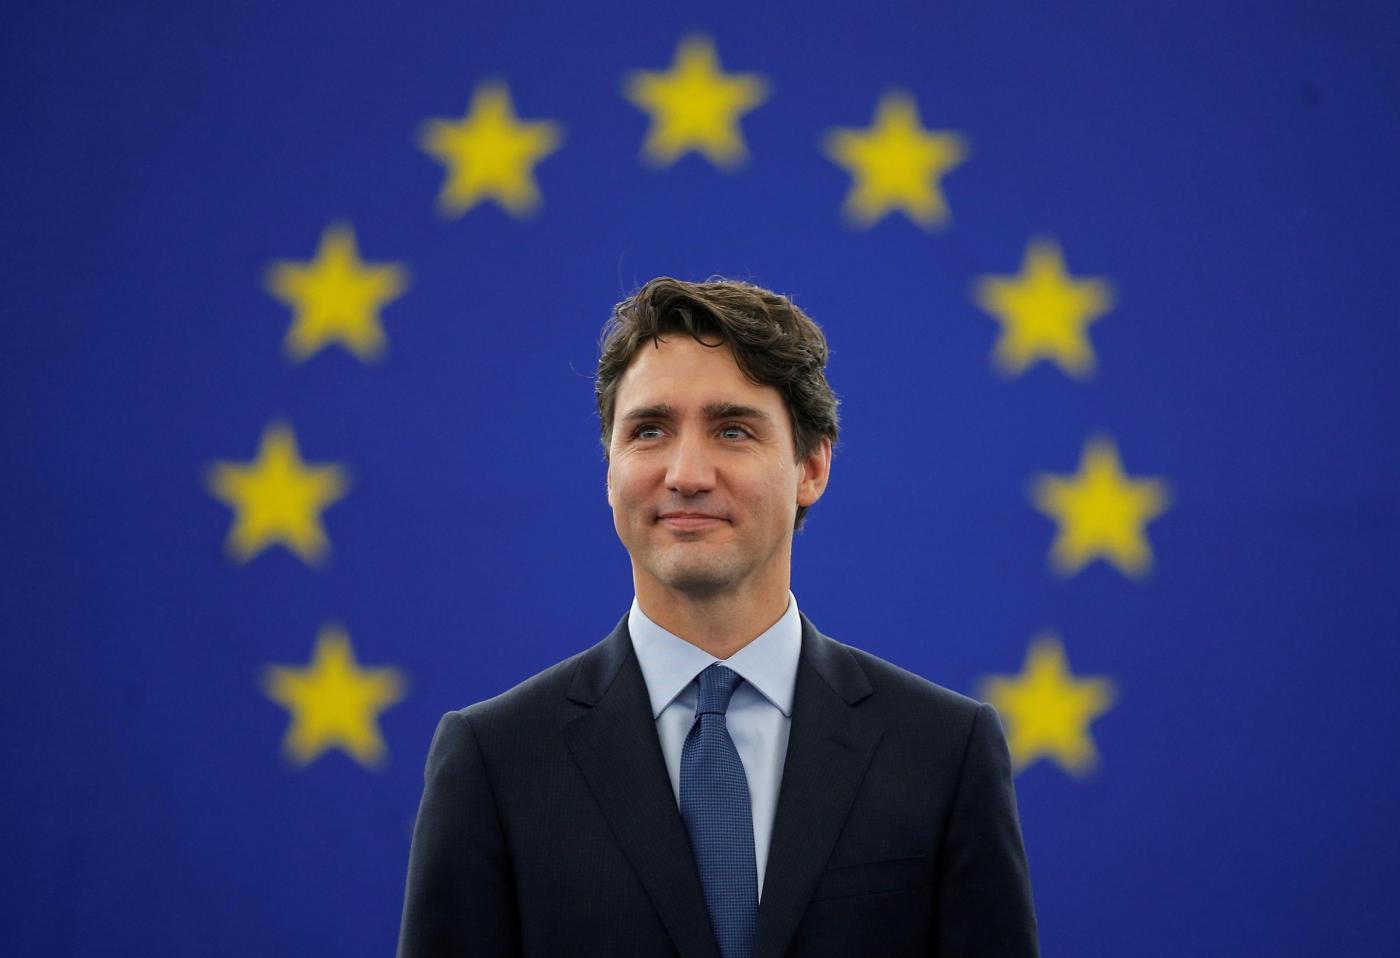 Bruxelles, l'intervento del premier canadese Trudeau al parlamento europeo